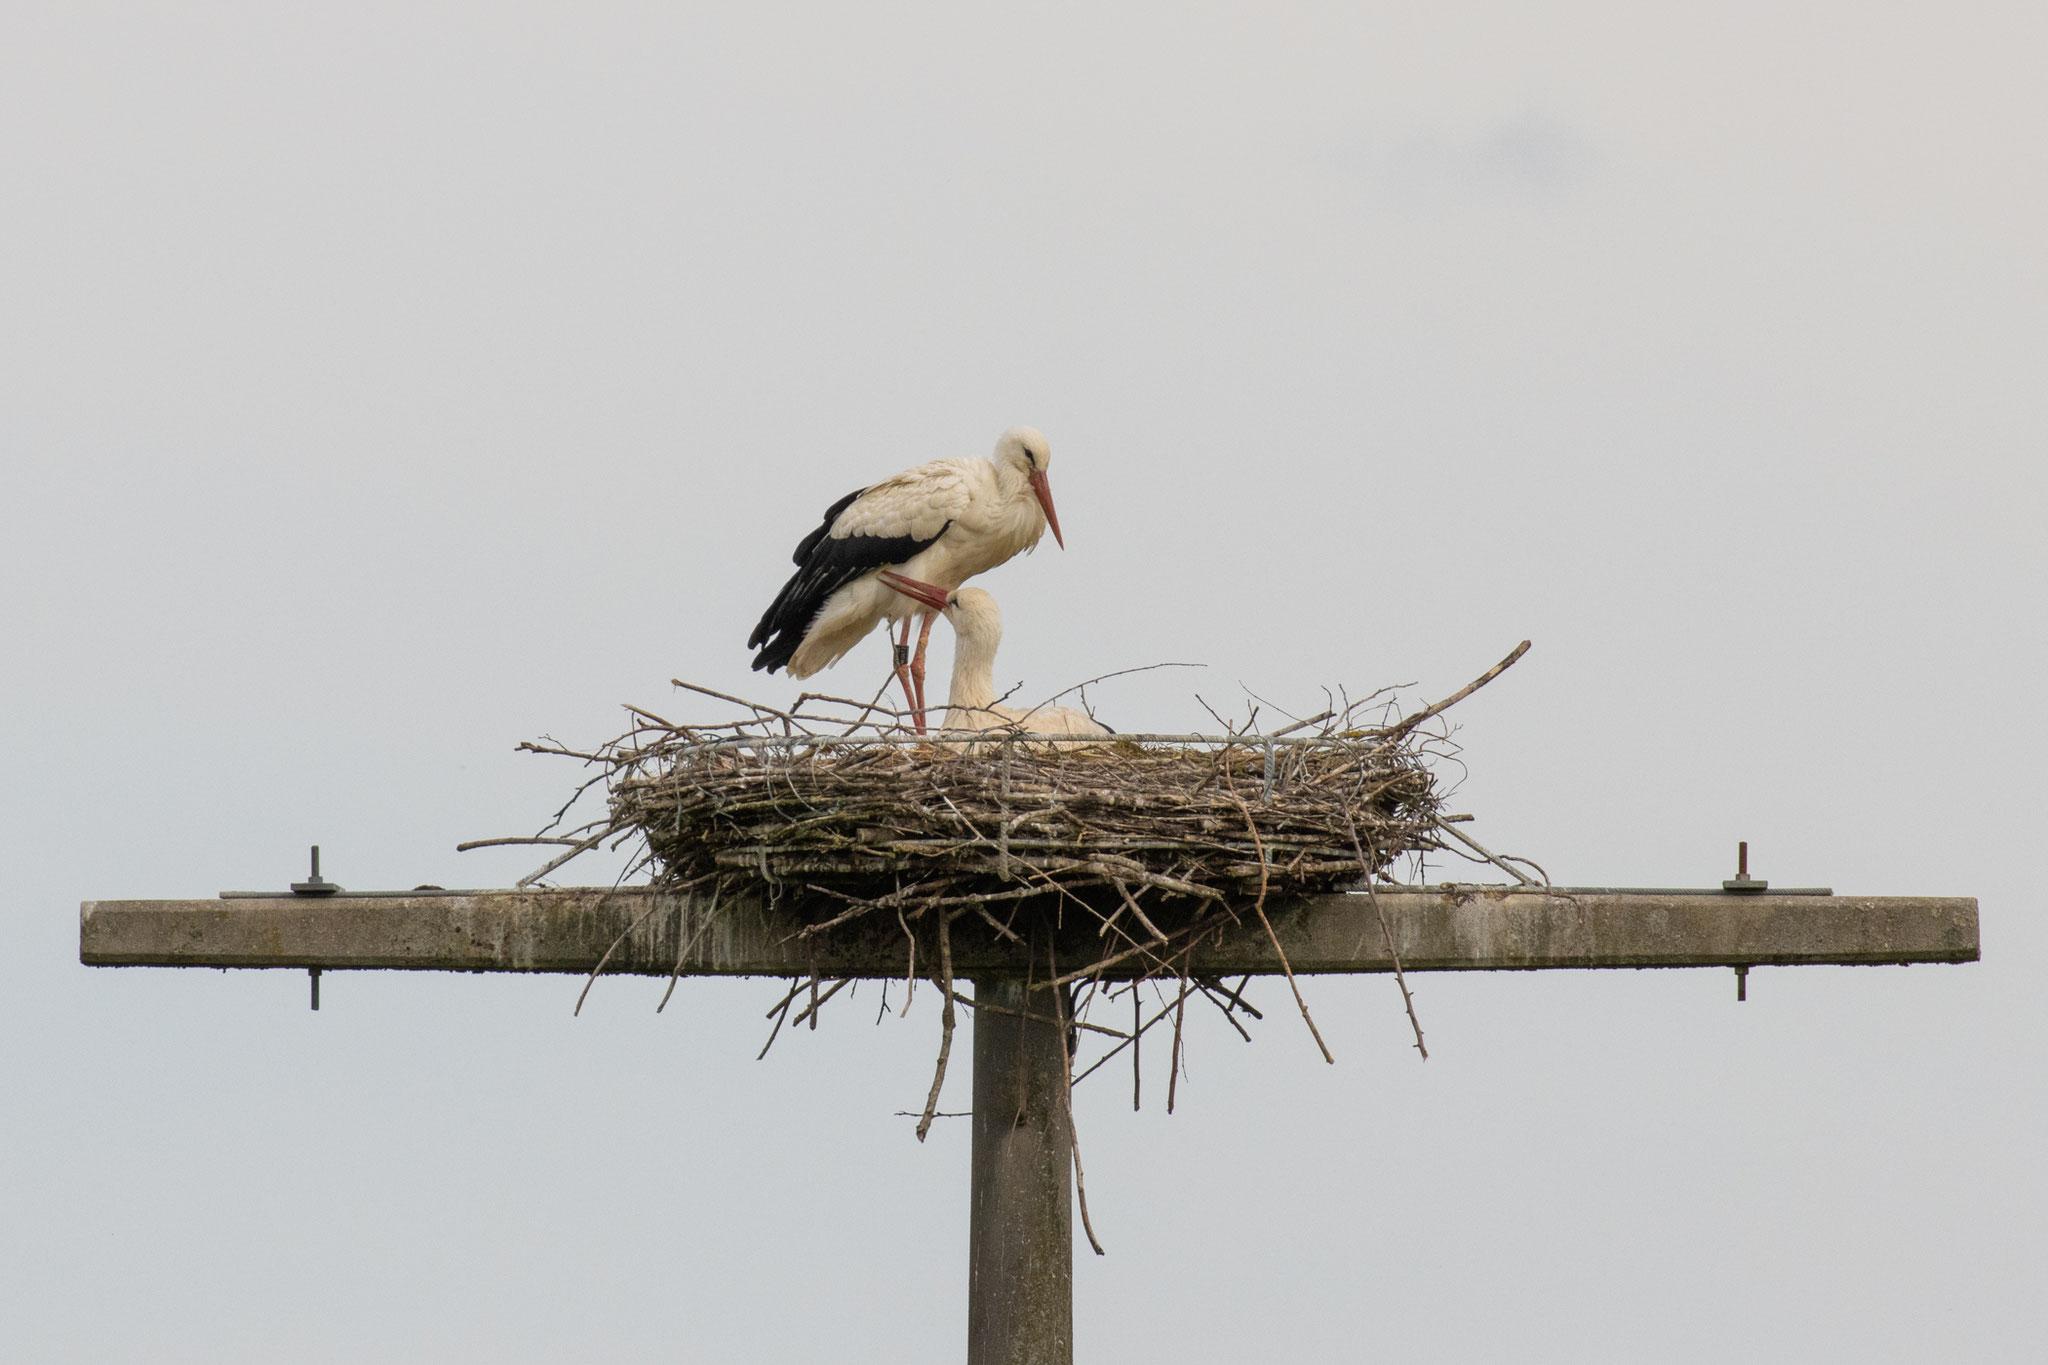 Zu zweit im Nest am 20.05.21 (Foto: B. Budig)